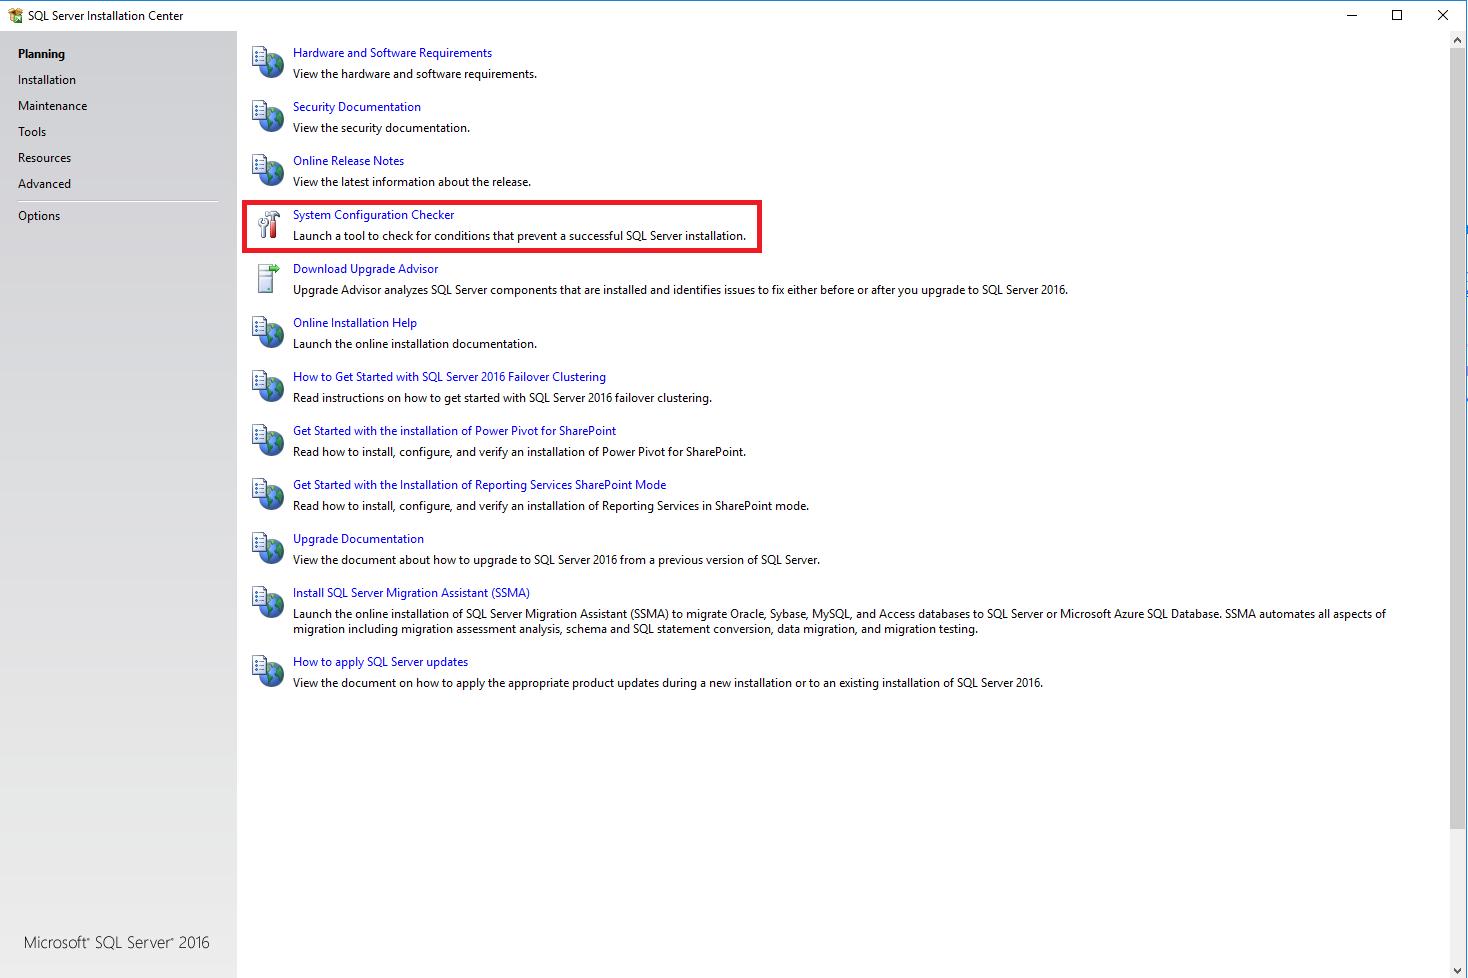 SQL Server installation planning